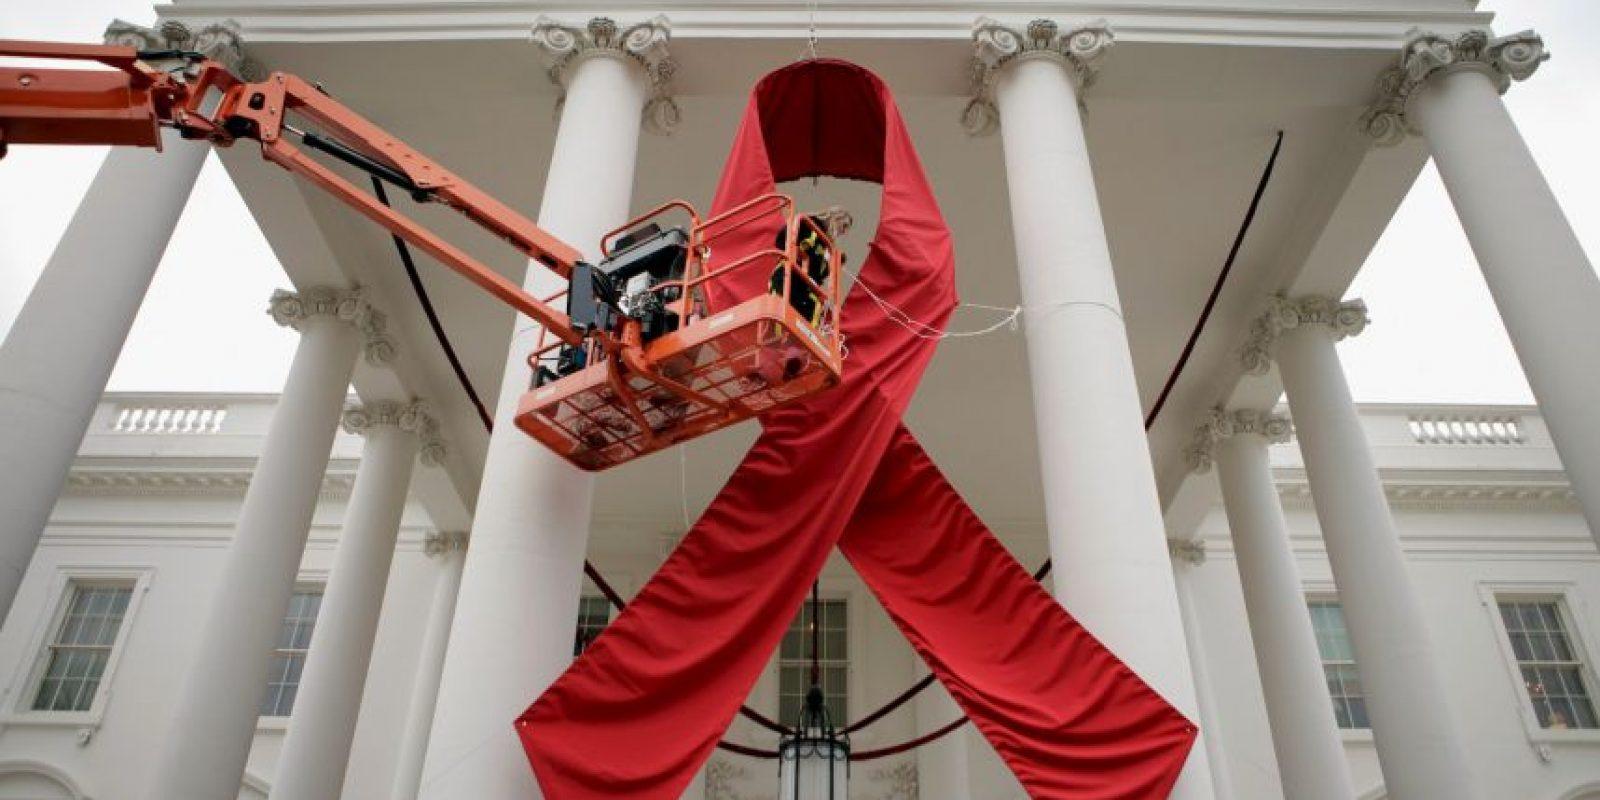 Las nuevas infecciones por el VIH descendieron un 3% en el periodo de 2005 a 2013 en América Latina Foto:Getty Images